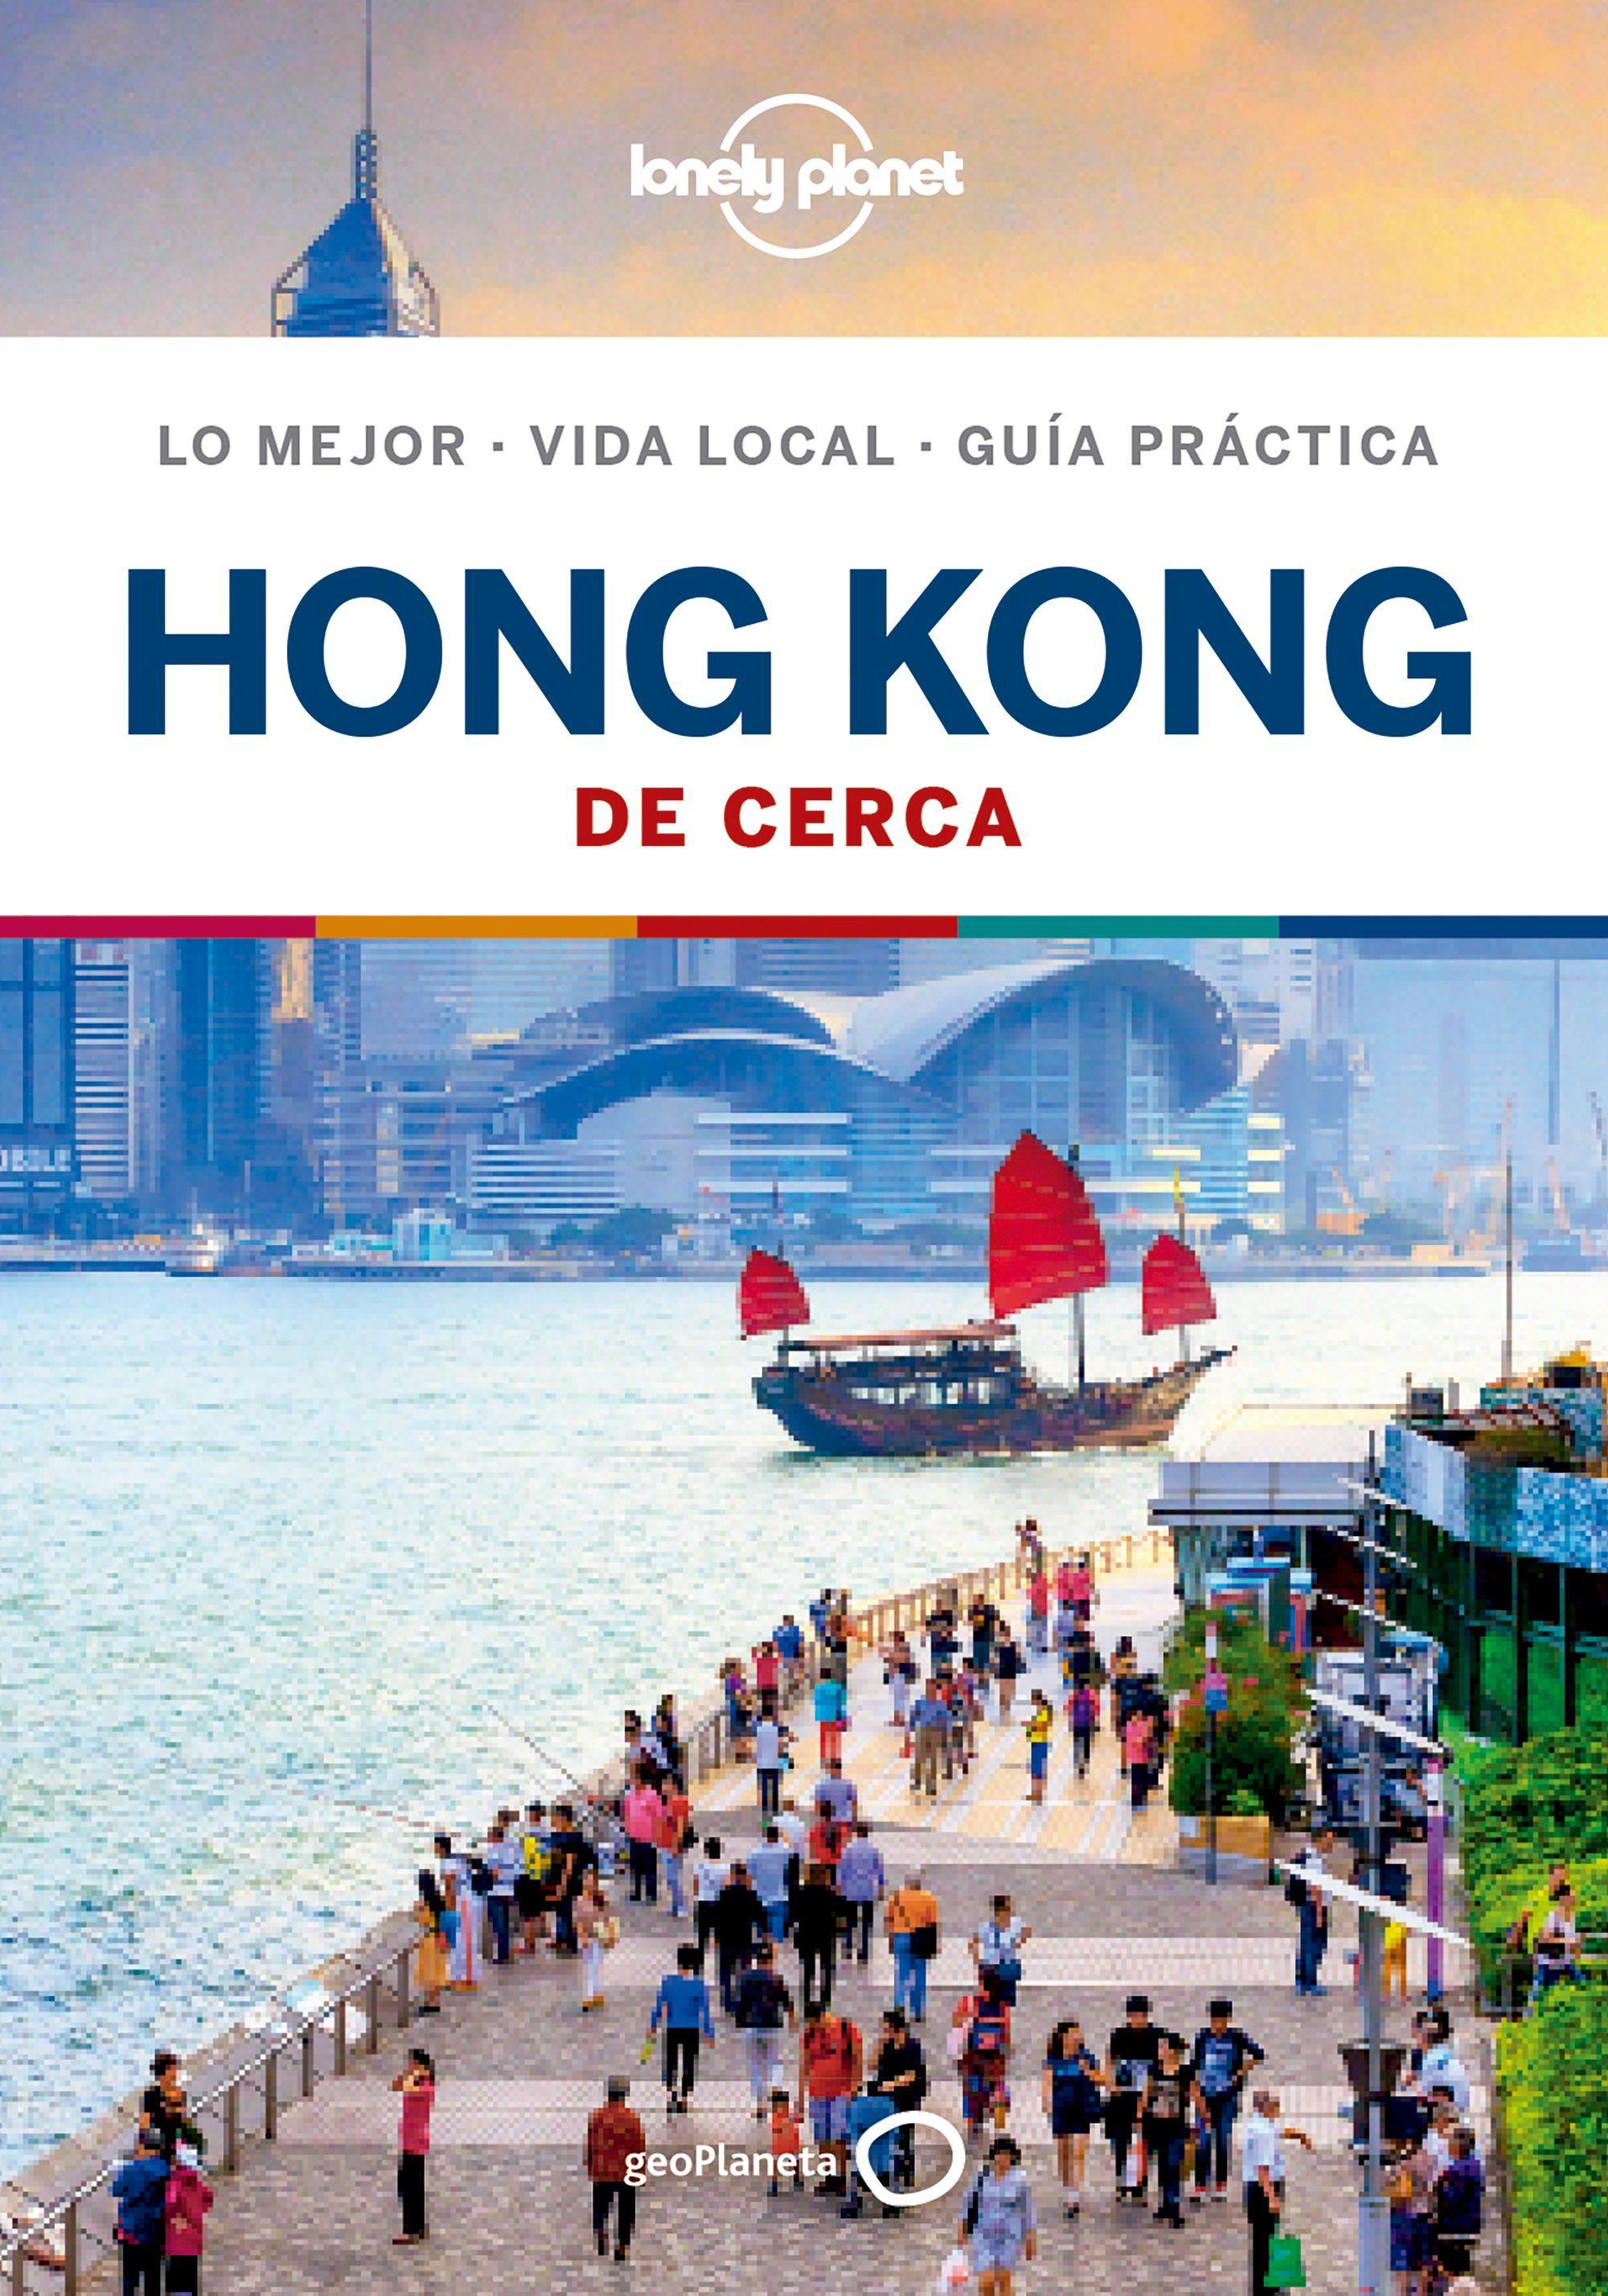 HONG KONG DE CERCA 2